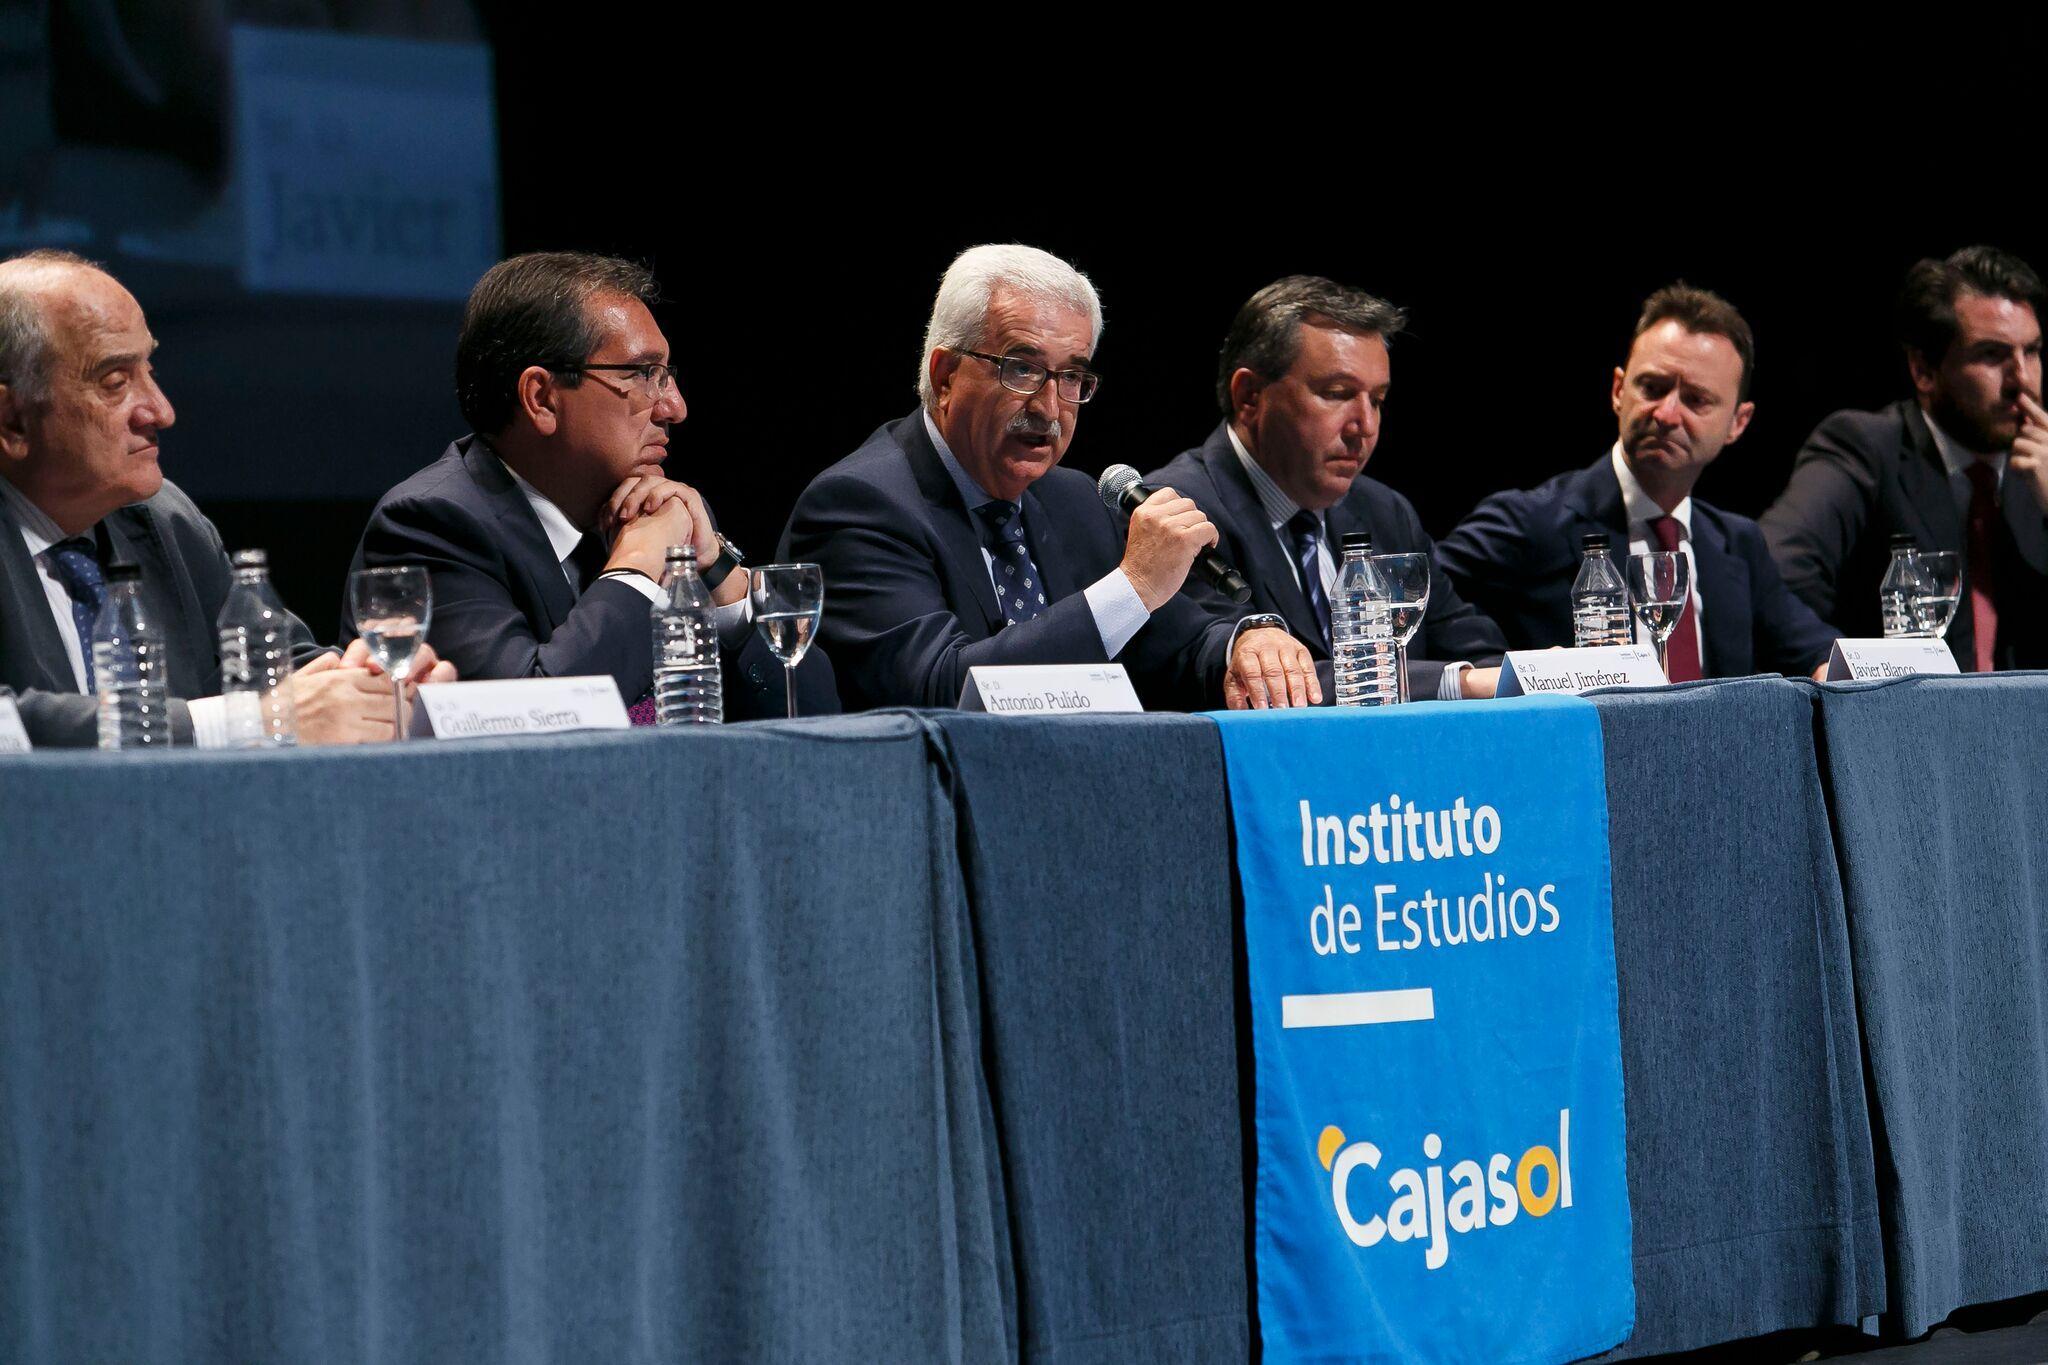 Antonio Pulido, Presidente de la Fundación Cajasol, en la Clausura del Curso 2016/2017 del Instituto de Estudios Cajasol